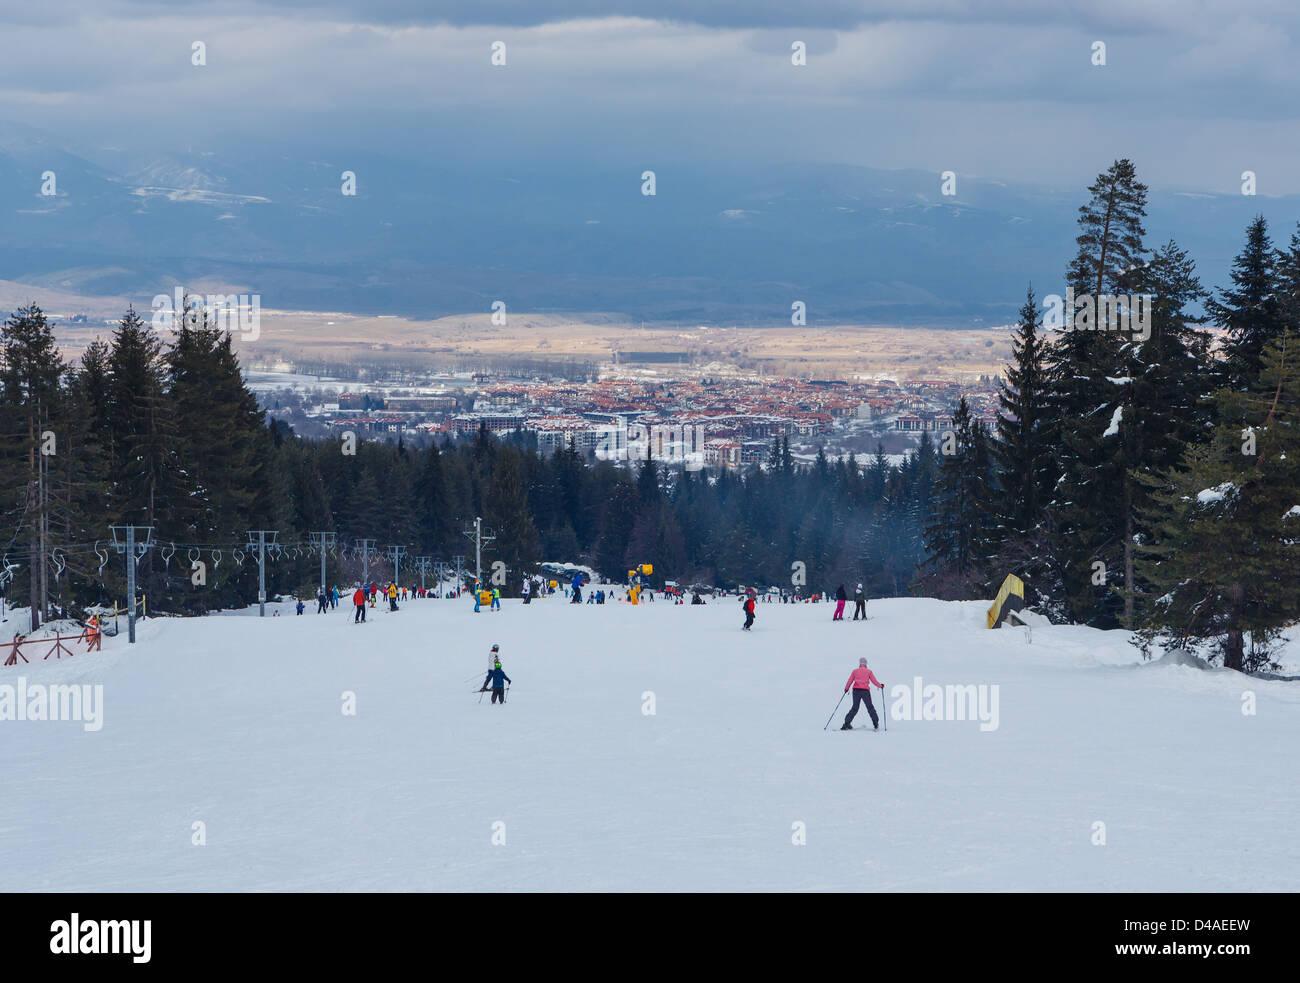 Mass downhill skiing nearby Bansko resort, Bulgaria - Stock Image